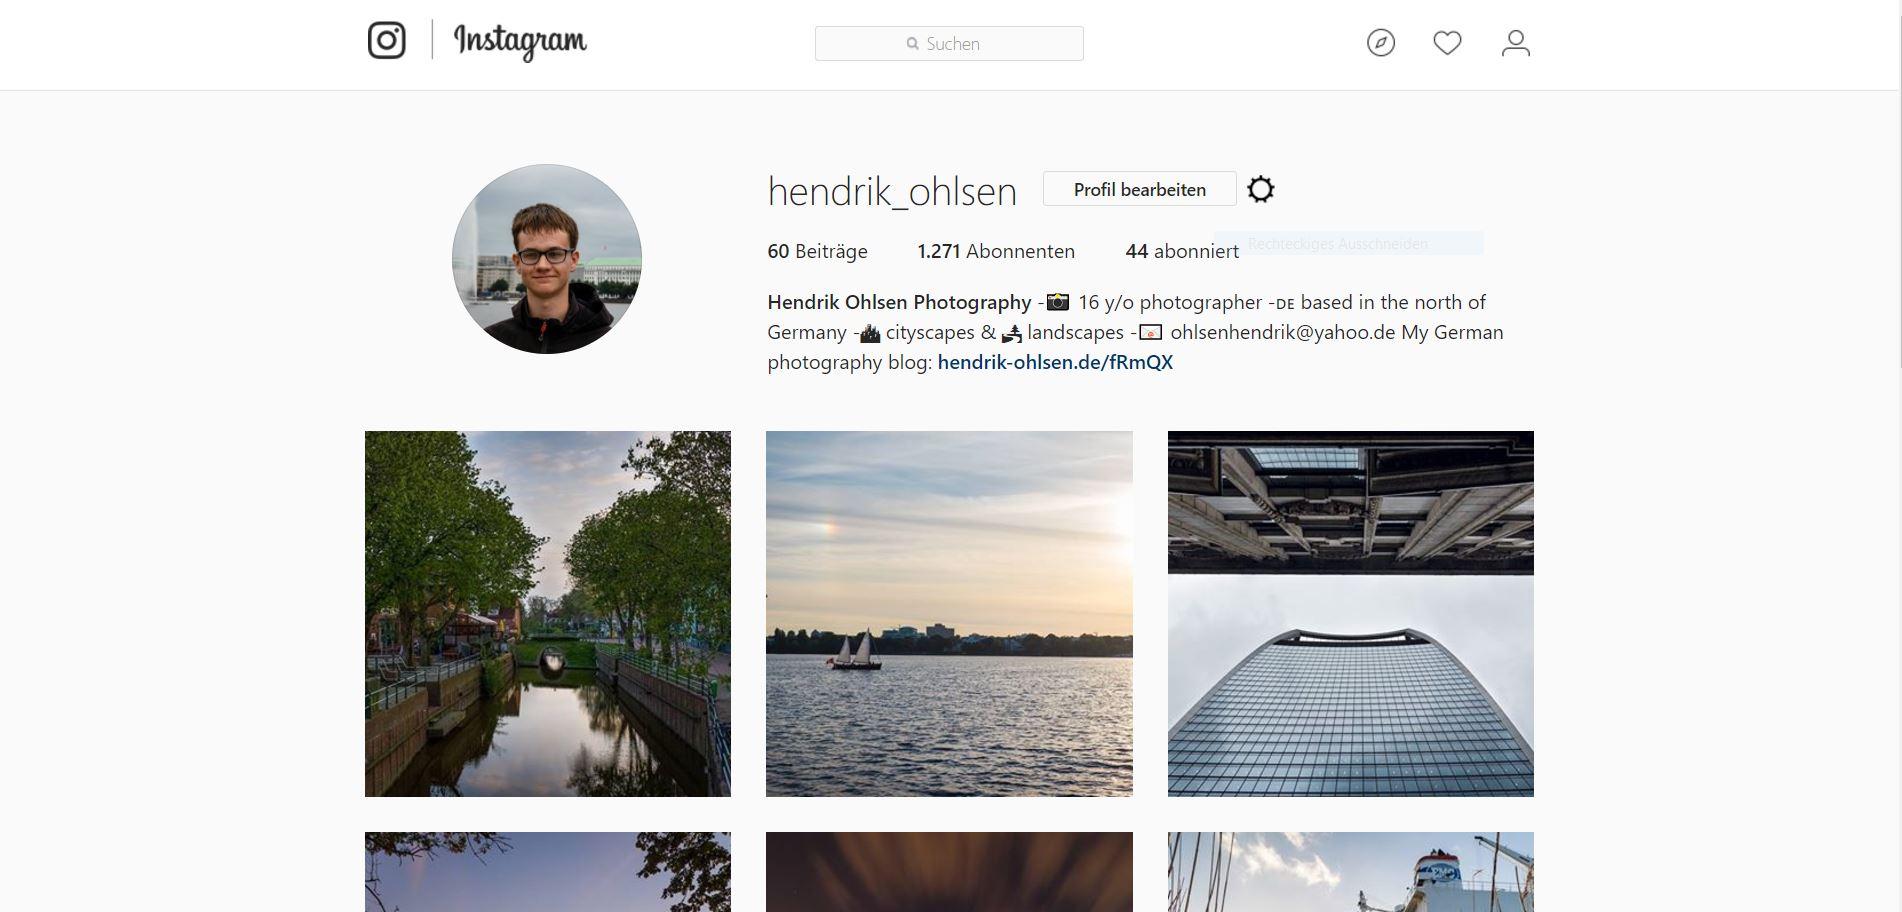 Instagram eignet sich hervorragend zum Verbreiten von Bildern